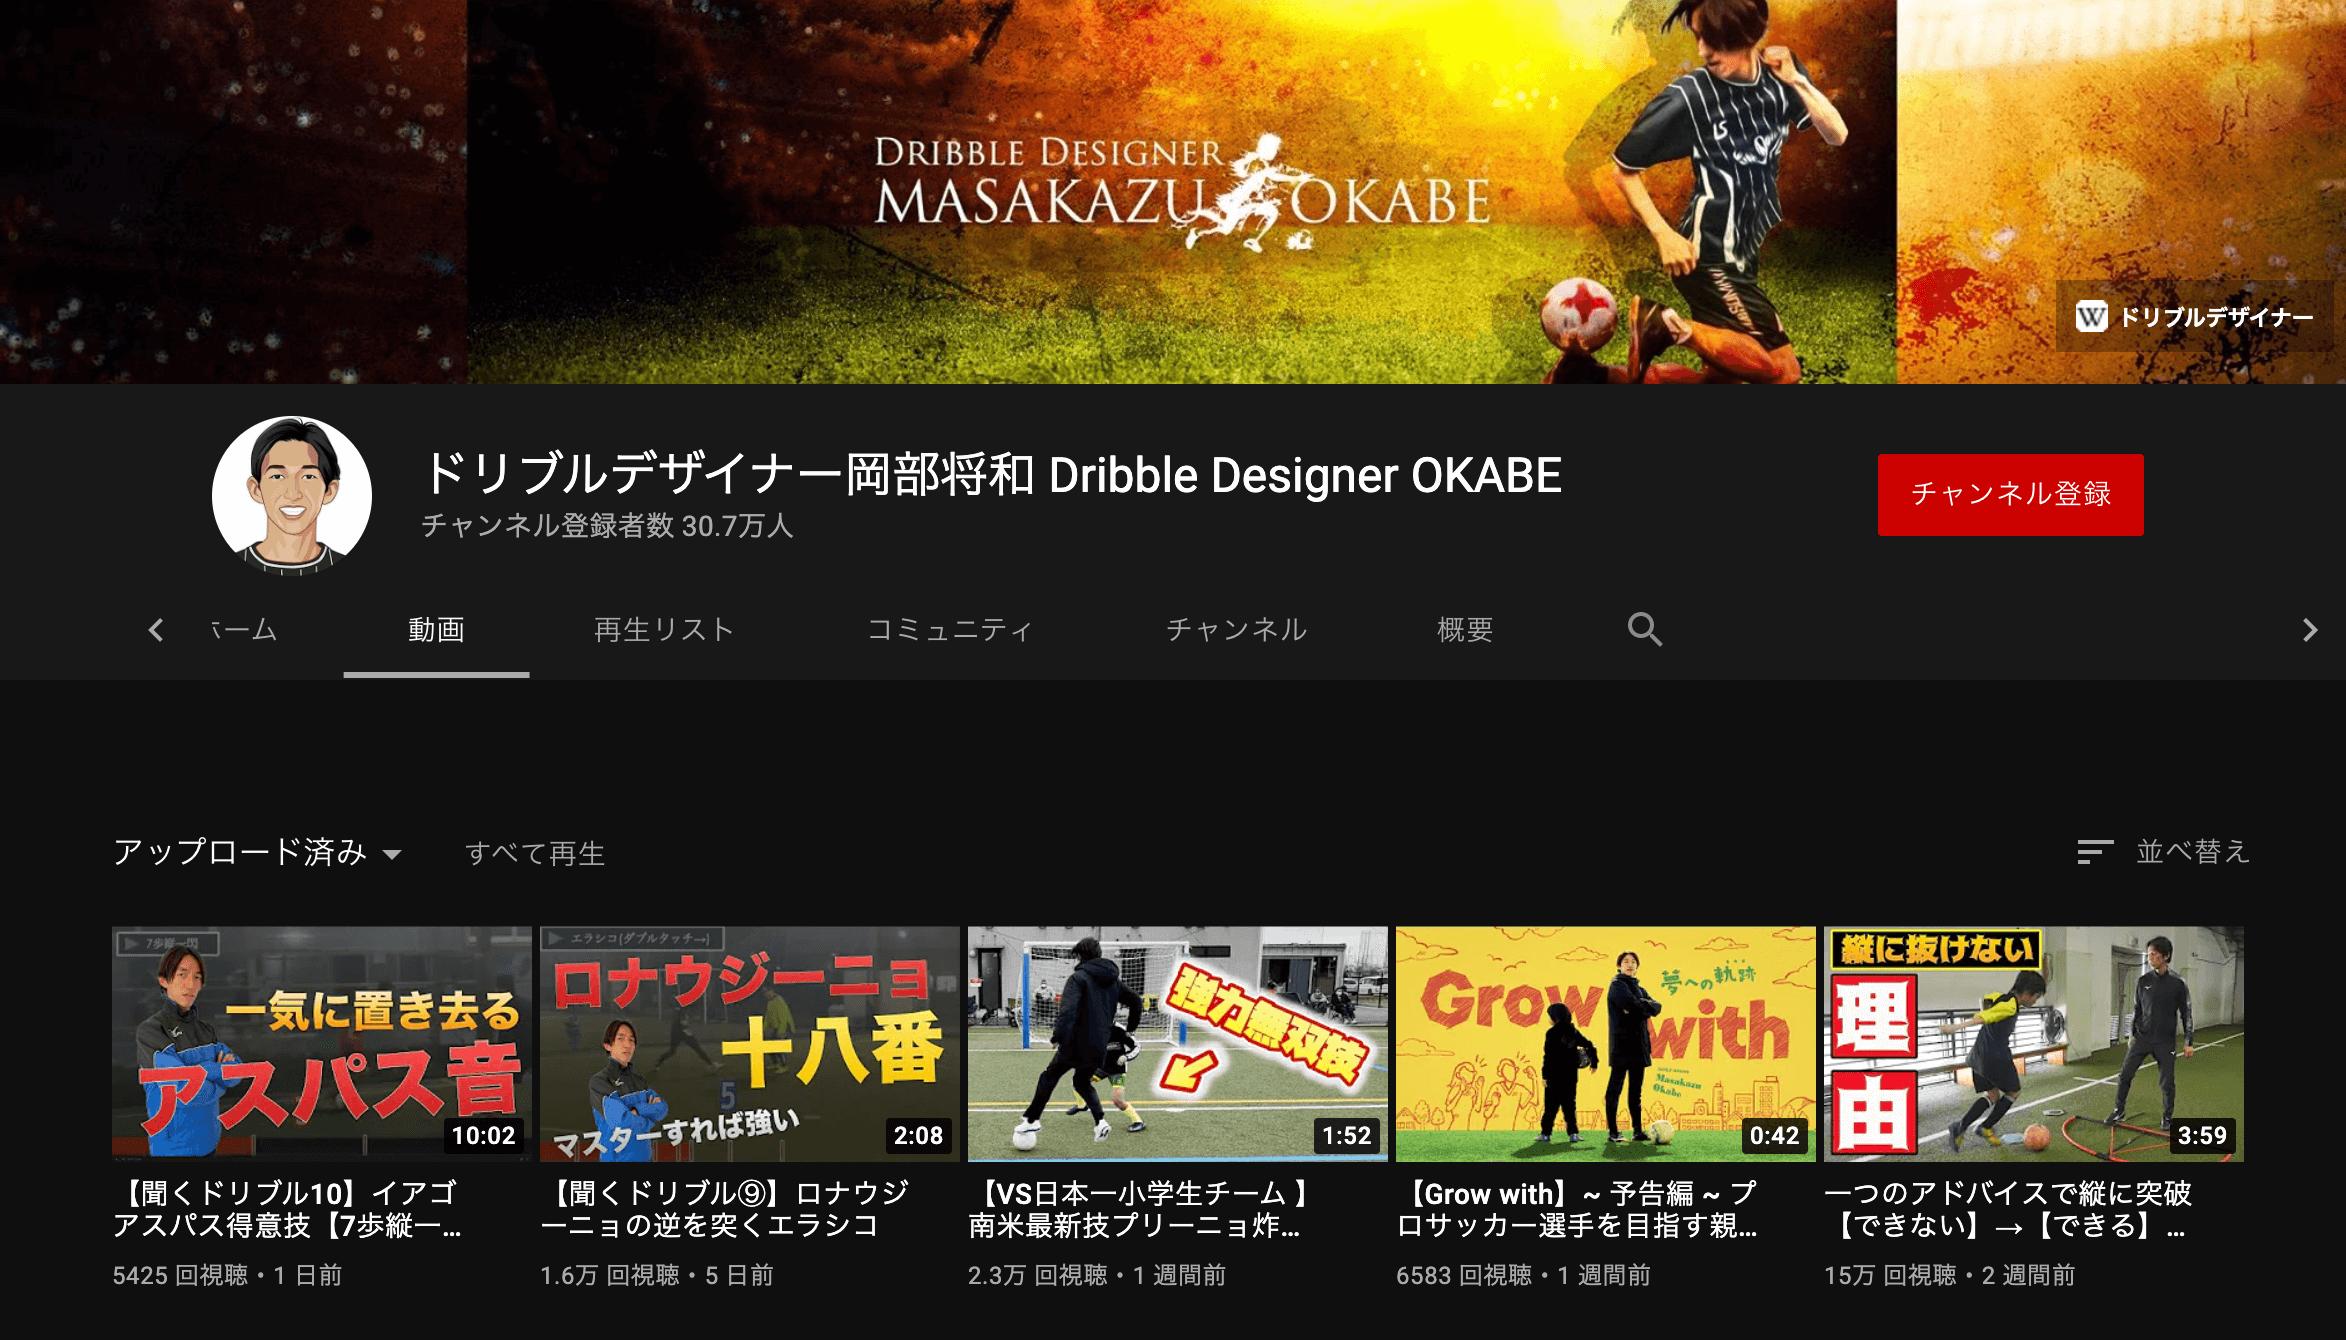 youtube_soccer_dribble designer